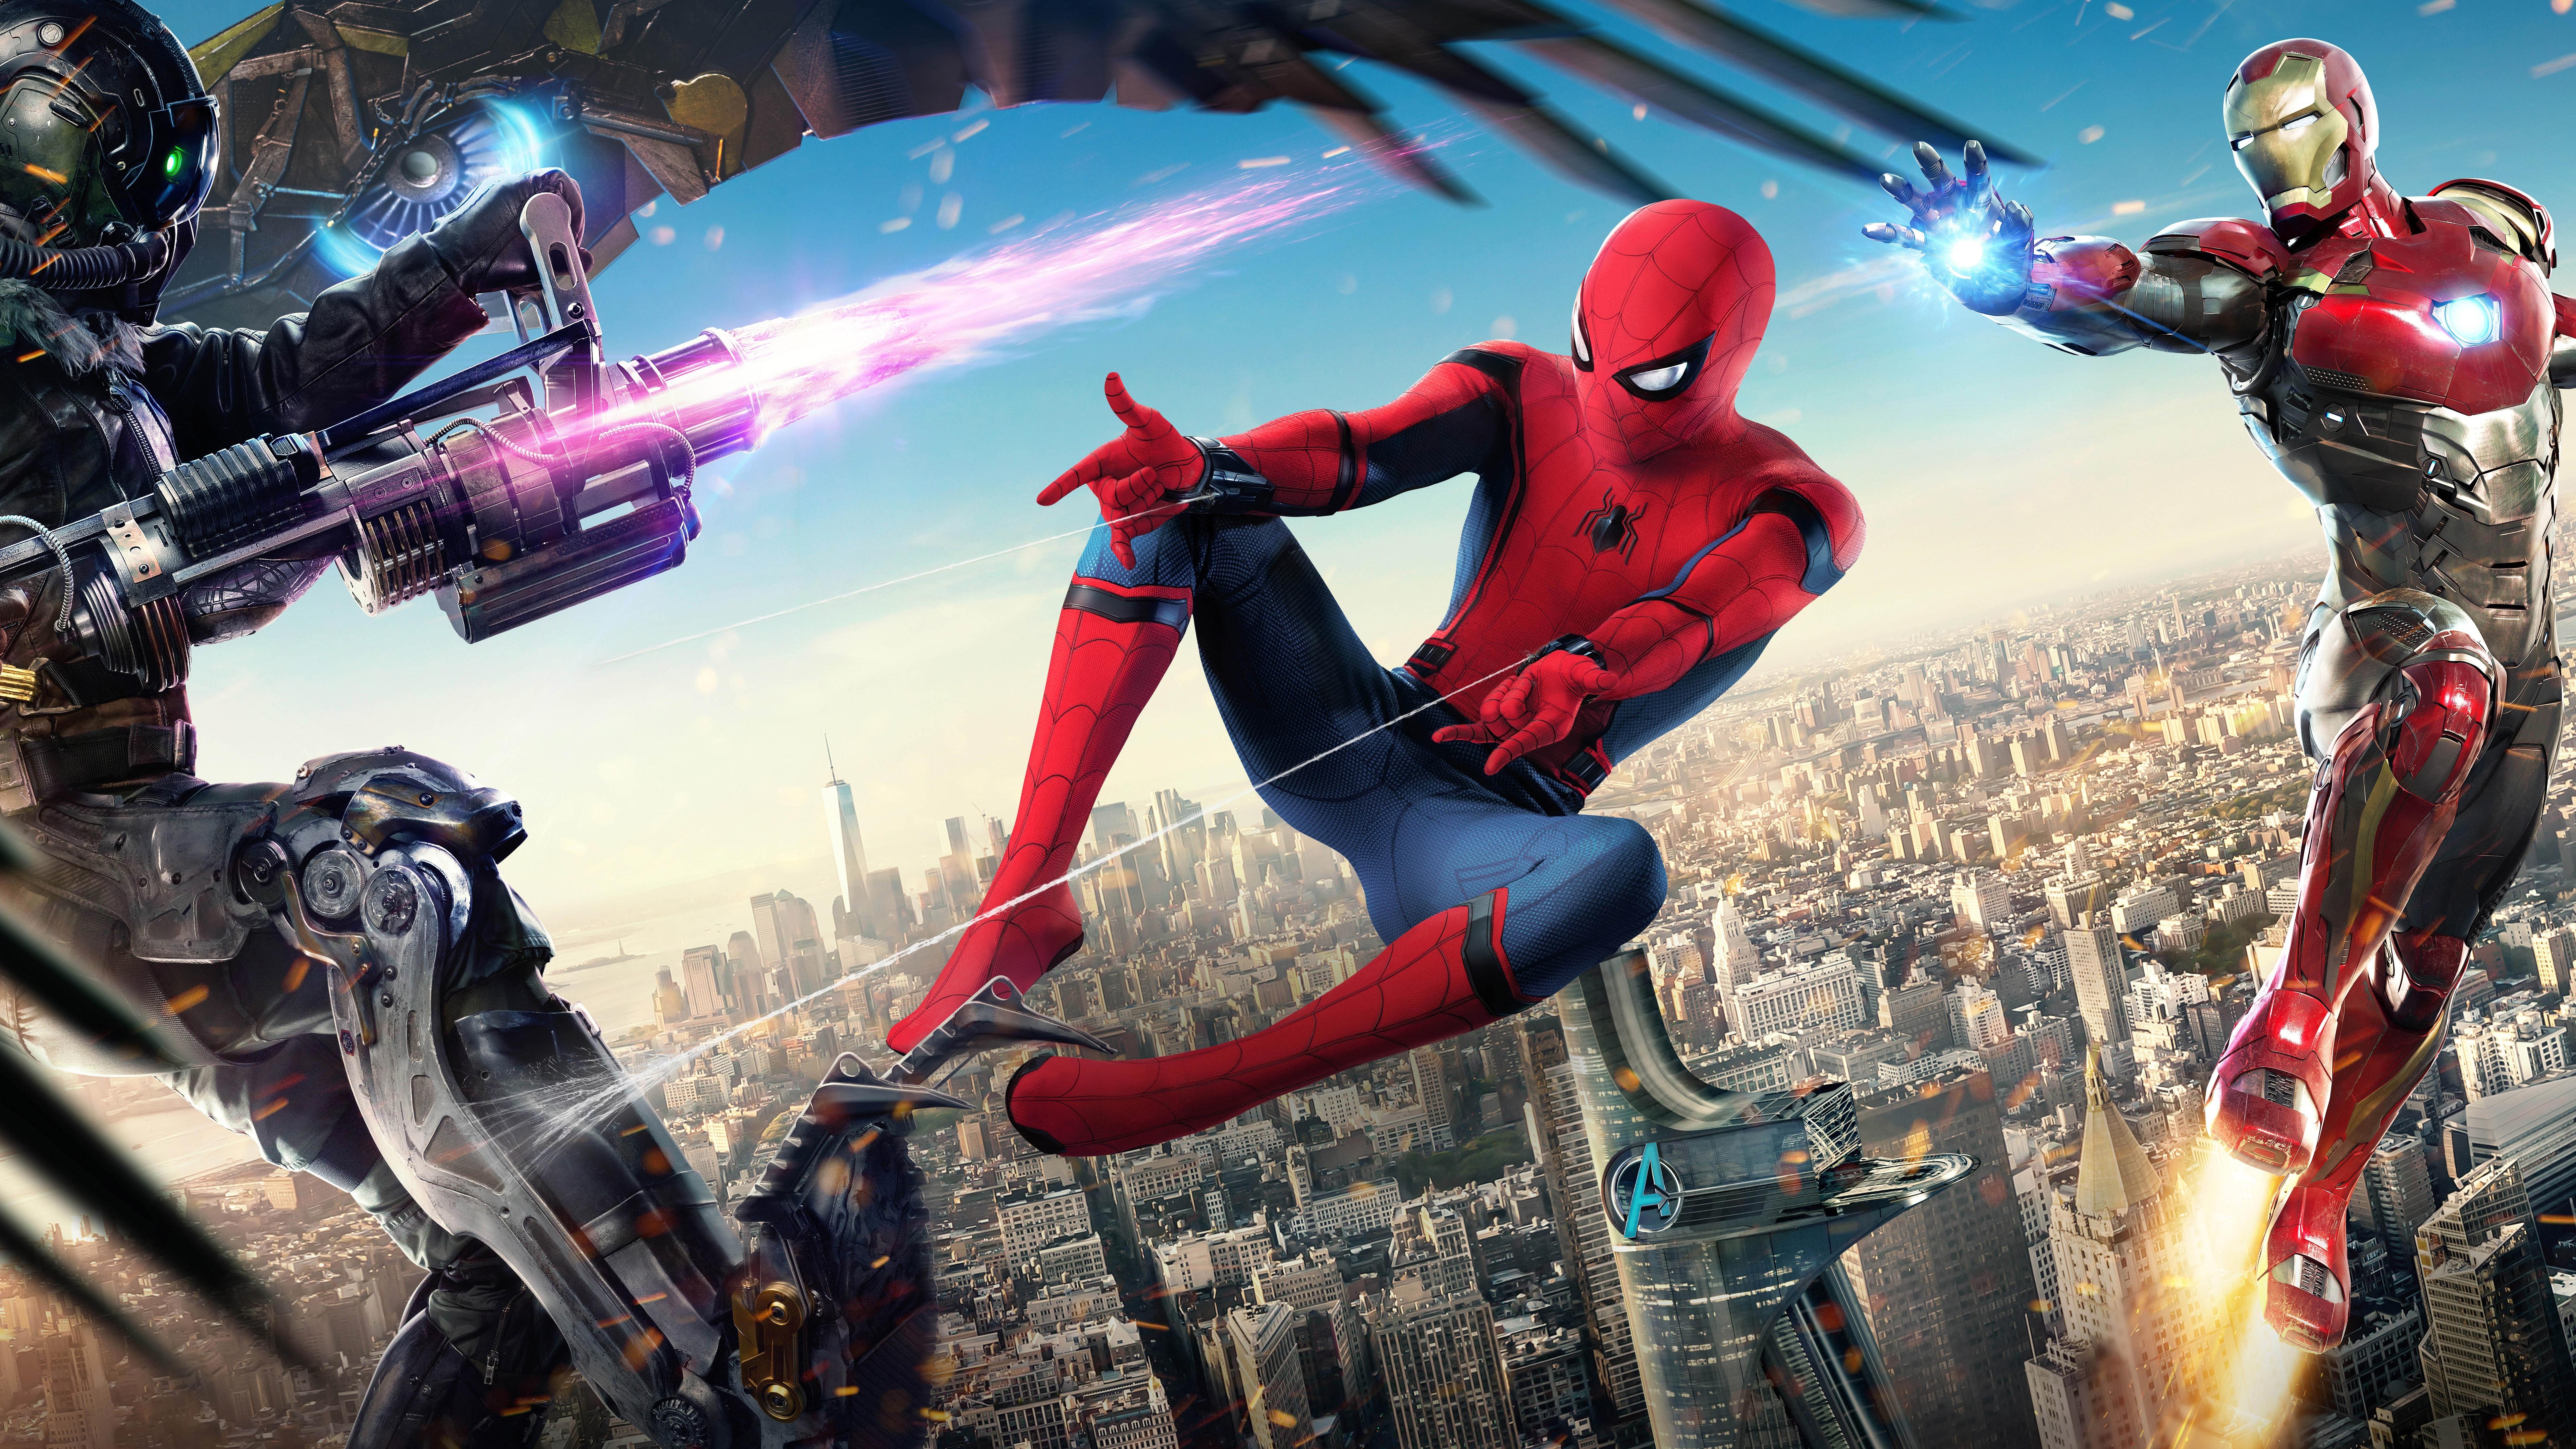 壁紙 スパイダーマン ホームカミング アイアンマン マーベルスーパーヒーロー 7680x43 Uhd 8k 無料のデスクトップの背景 画像